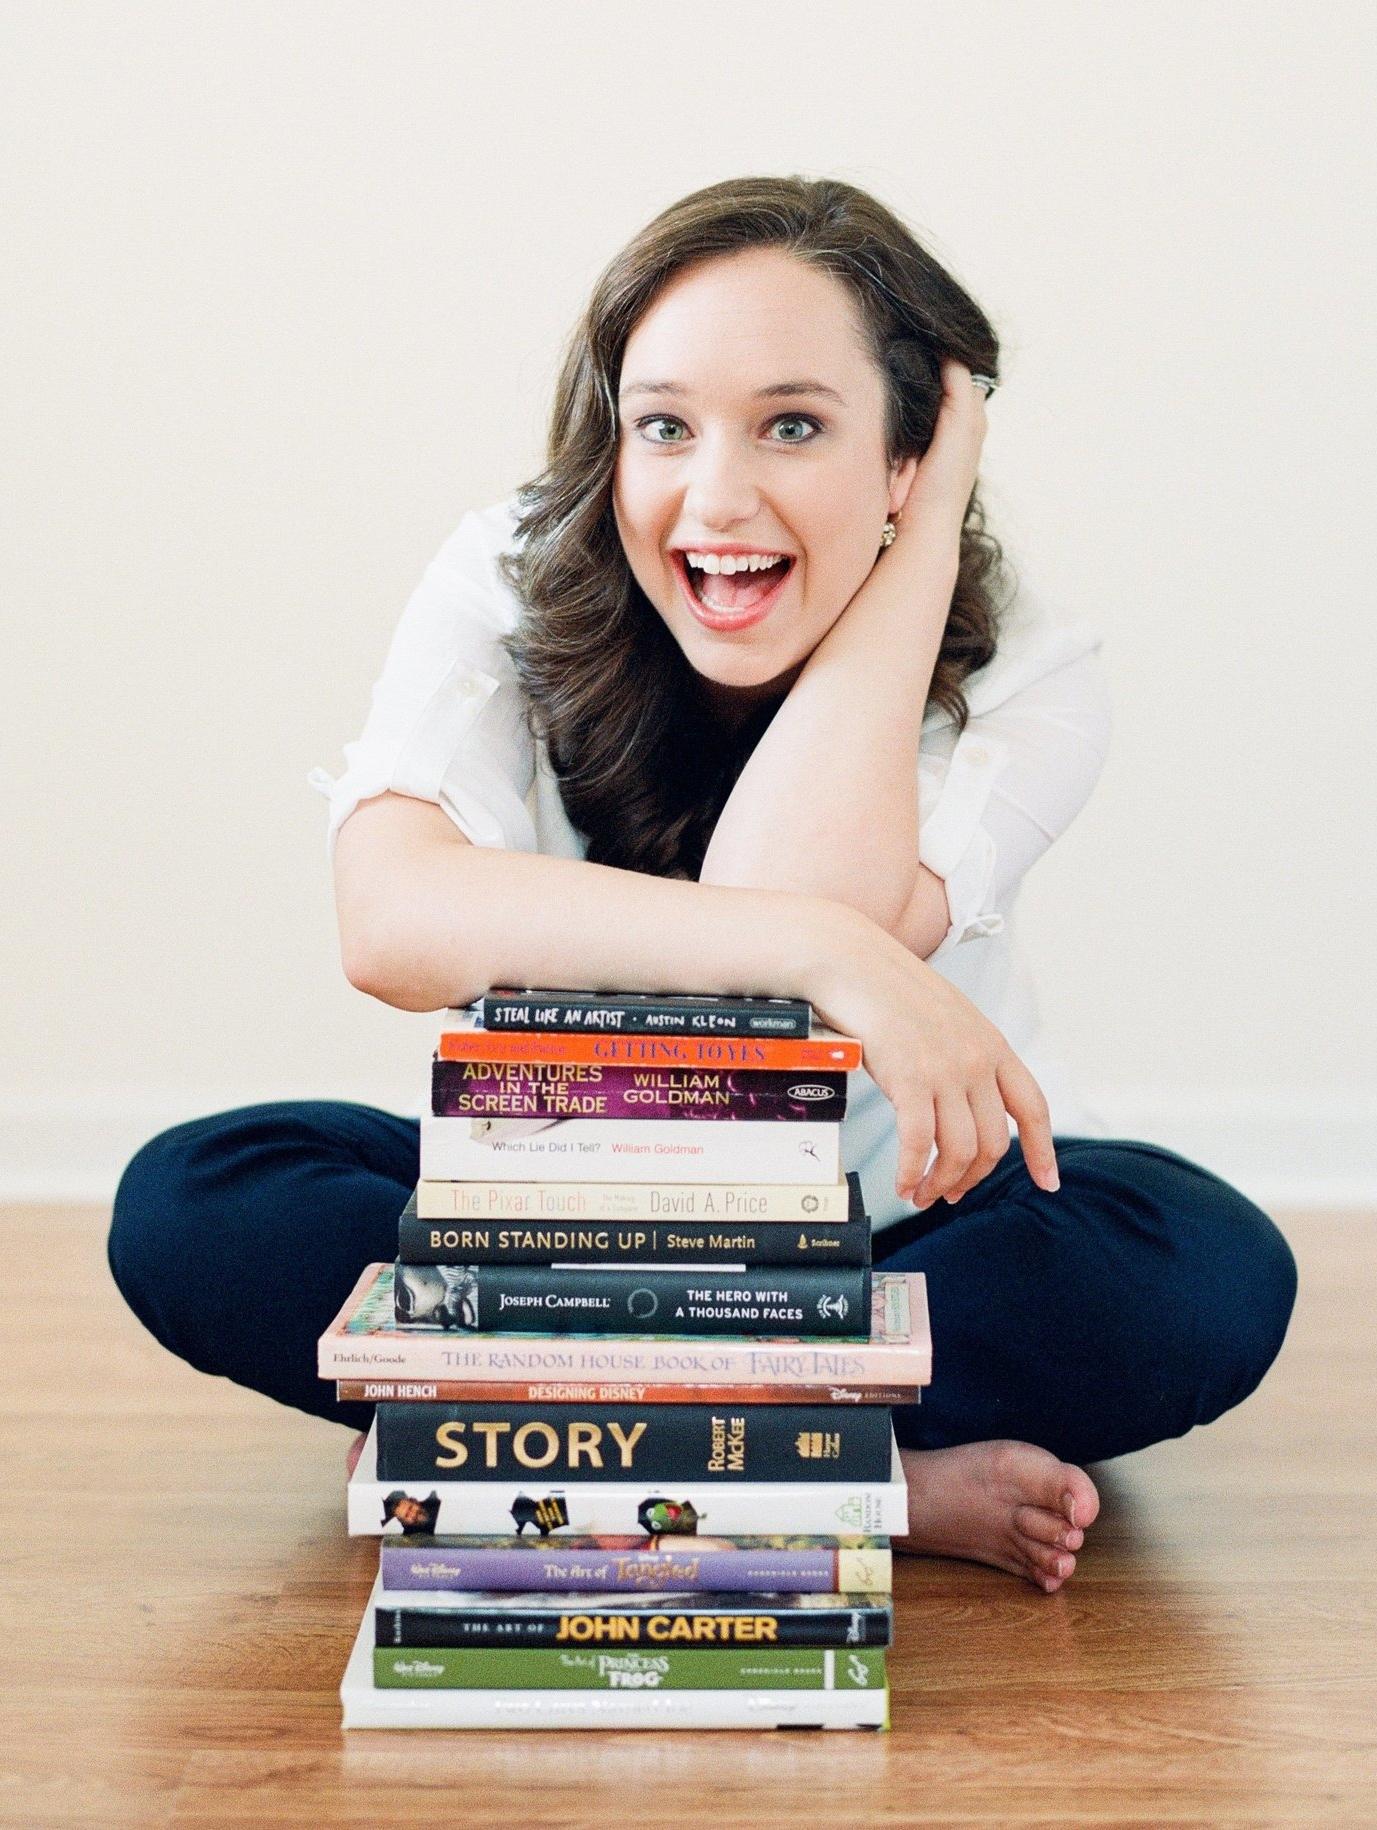 Annie Franceschi - My Story | Owner + Creative Director, Greatest Story Creative | Photo by Faith Teasley Photography